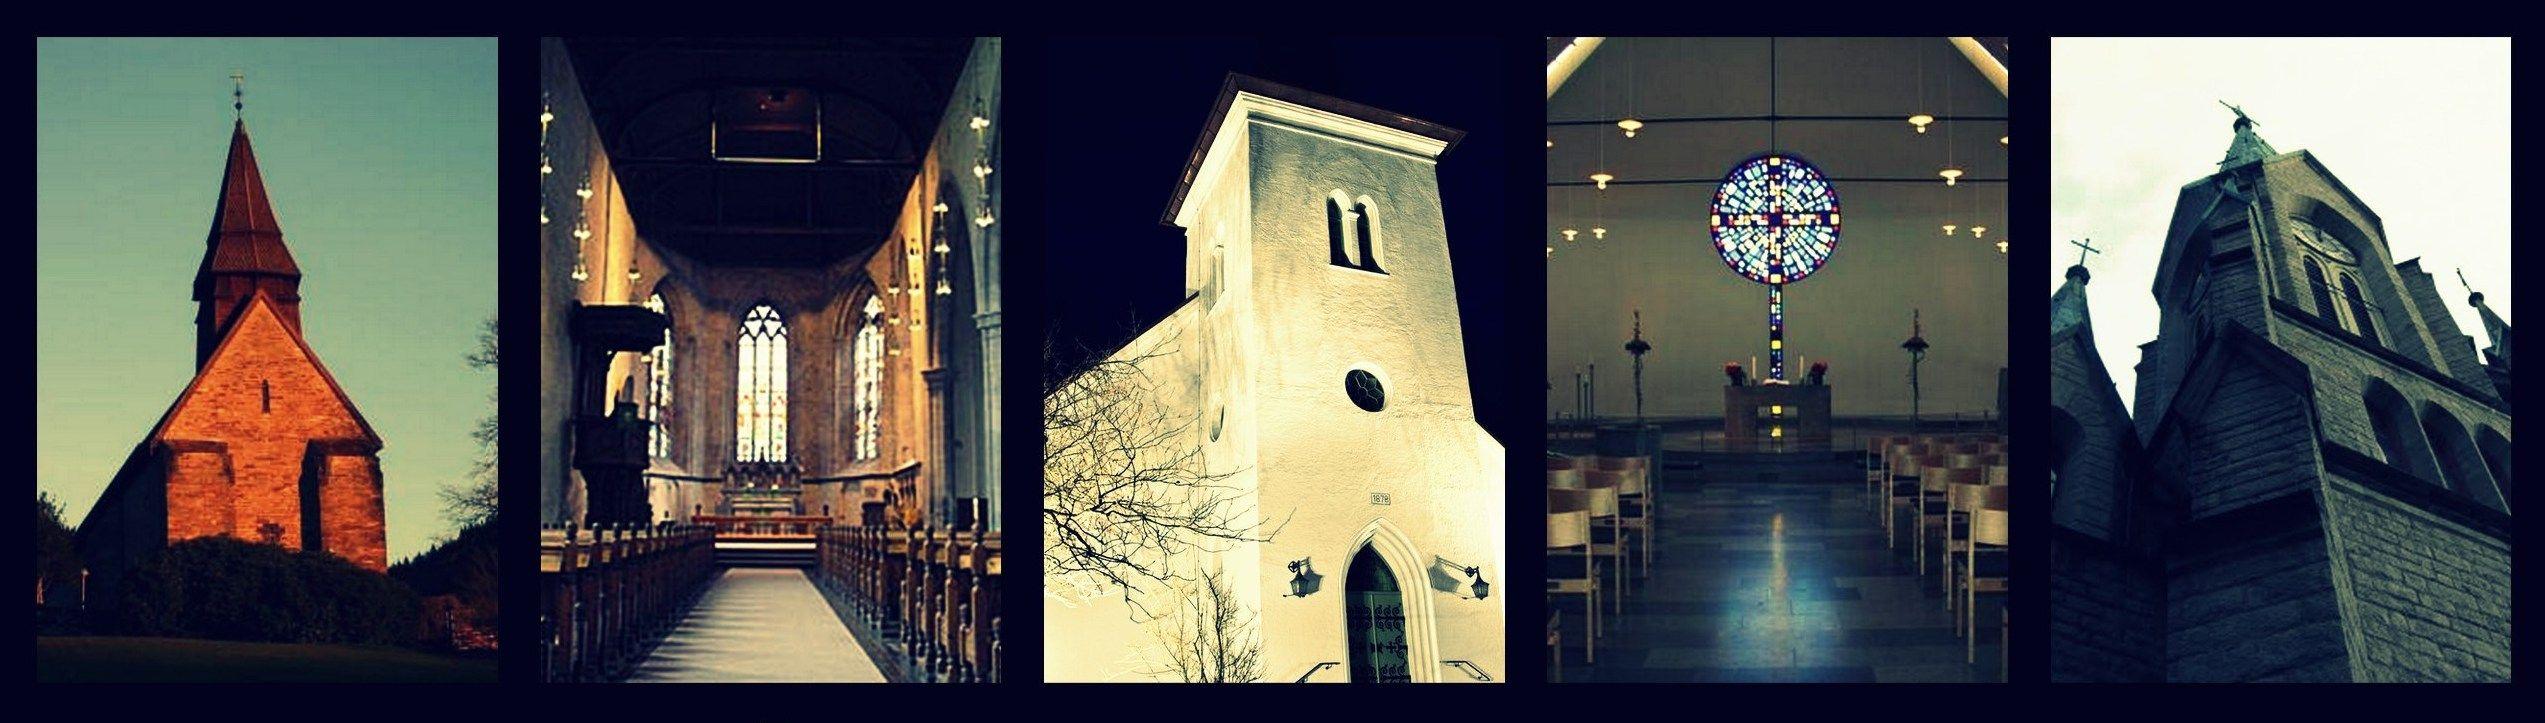 Fem ulike kirker